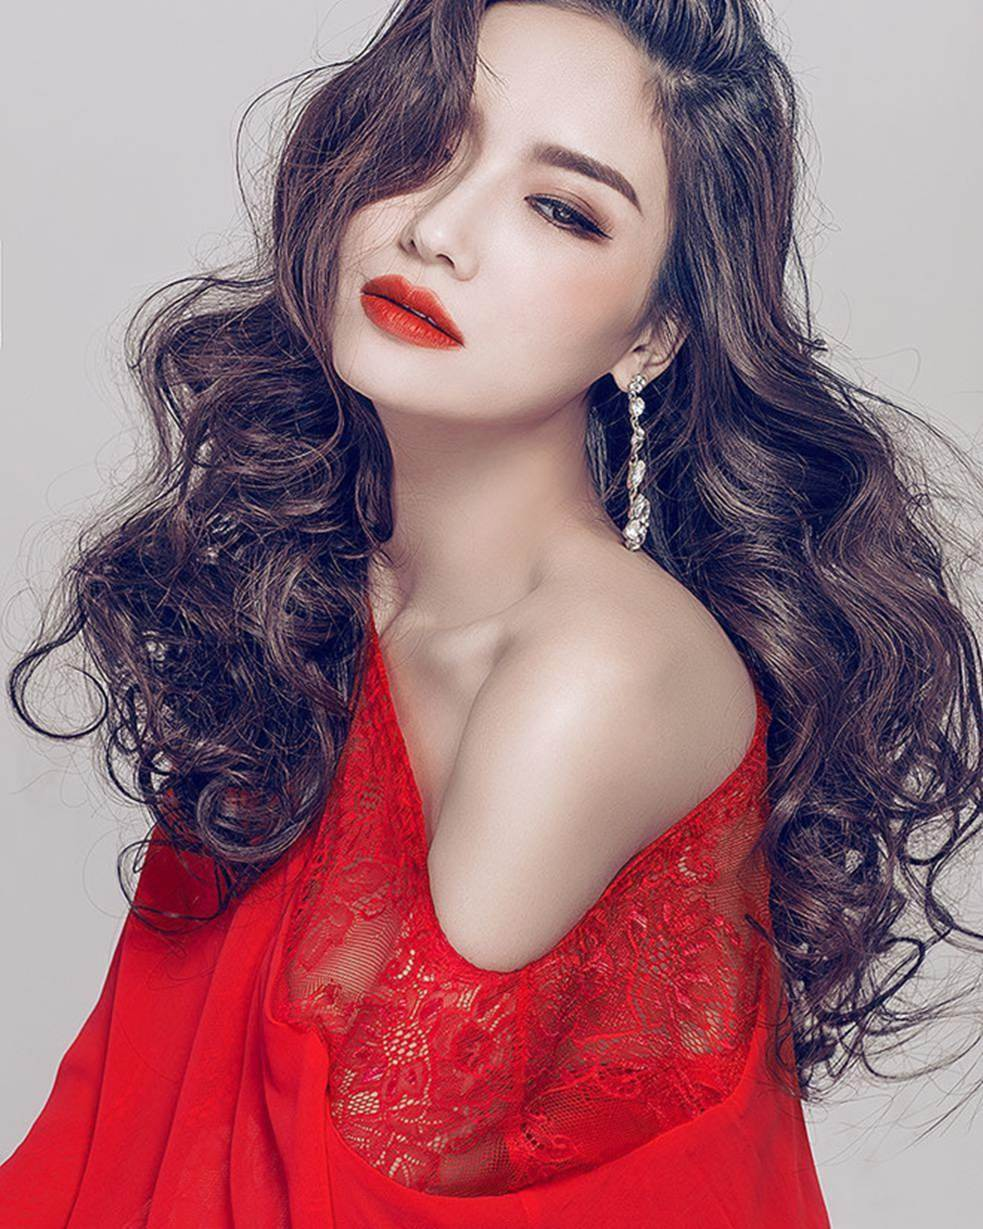 Hoa hậu xấu nhất lịch sử Trung Quốc đẹp rực rỡ 6 năm sau đăng quang-5